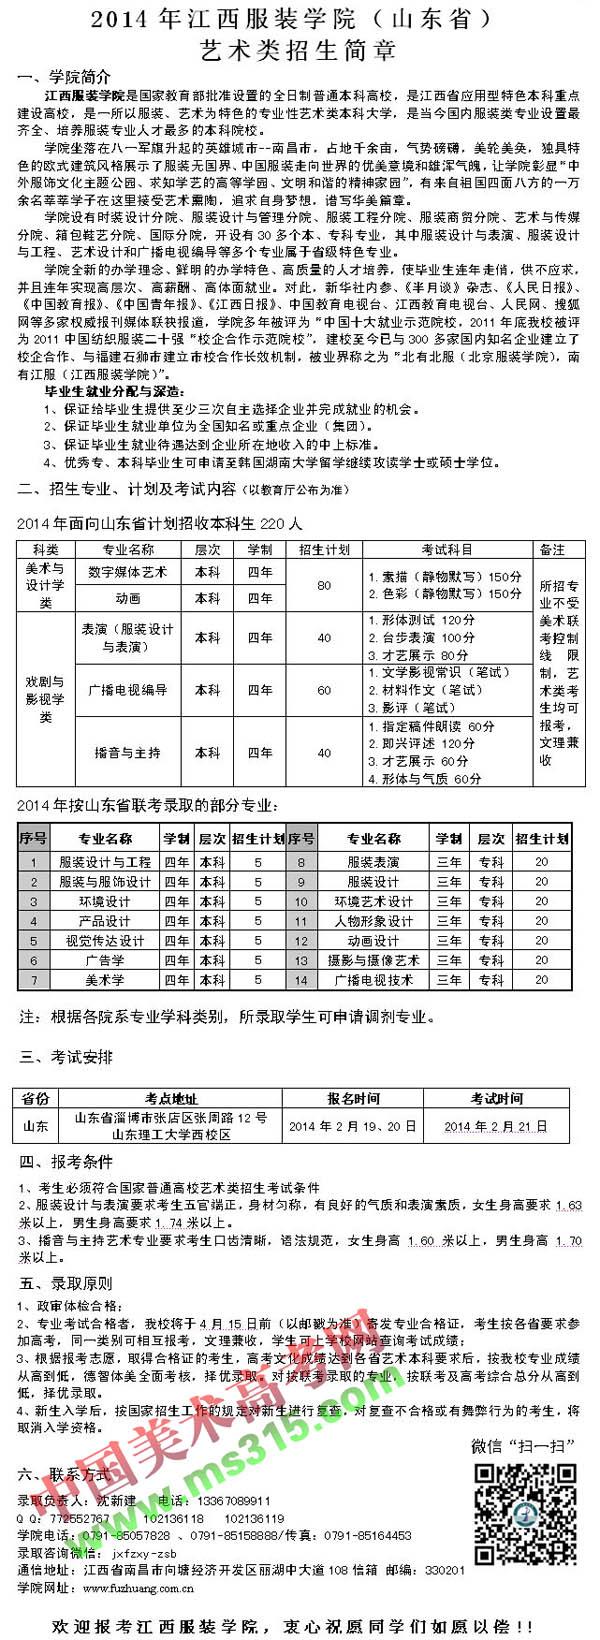 2014年江西服装学院山东省艺术类招生简章.jpg